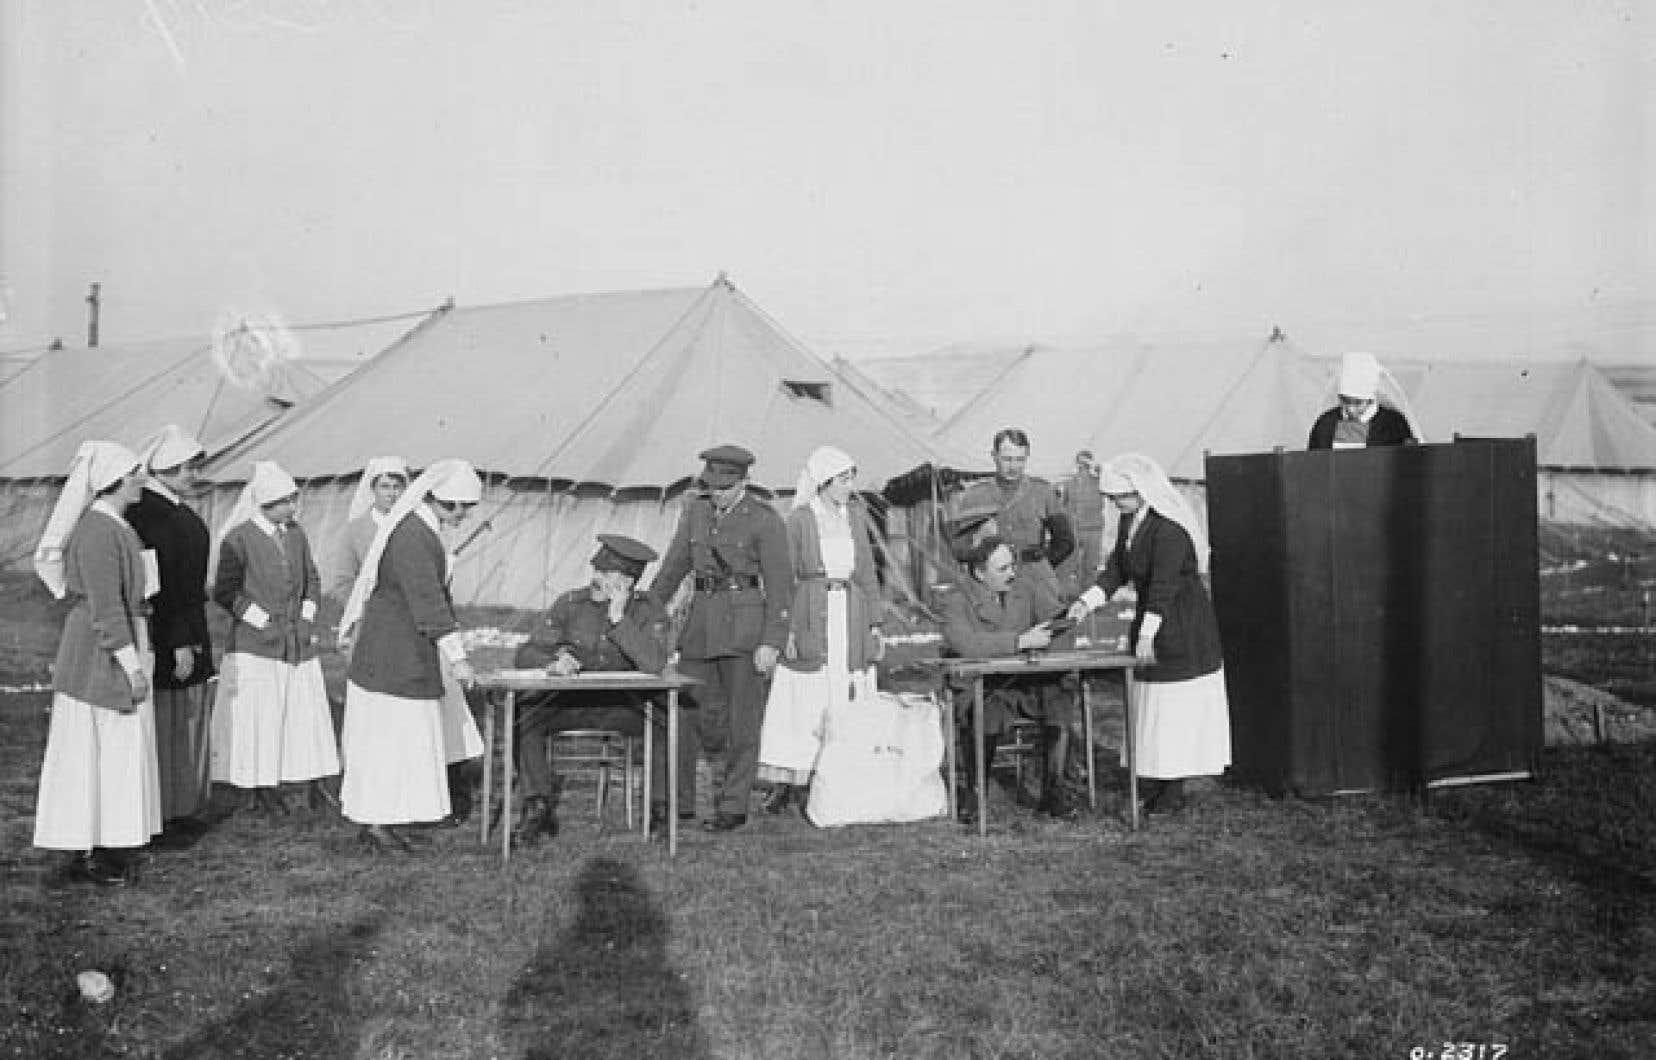 Des infirmières d'un hôpital militaire canadien situé en France votent pour la toute première fois aux élections fédérales, pendant la guerre, en décembre 1917.<br /> <br />